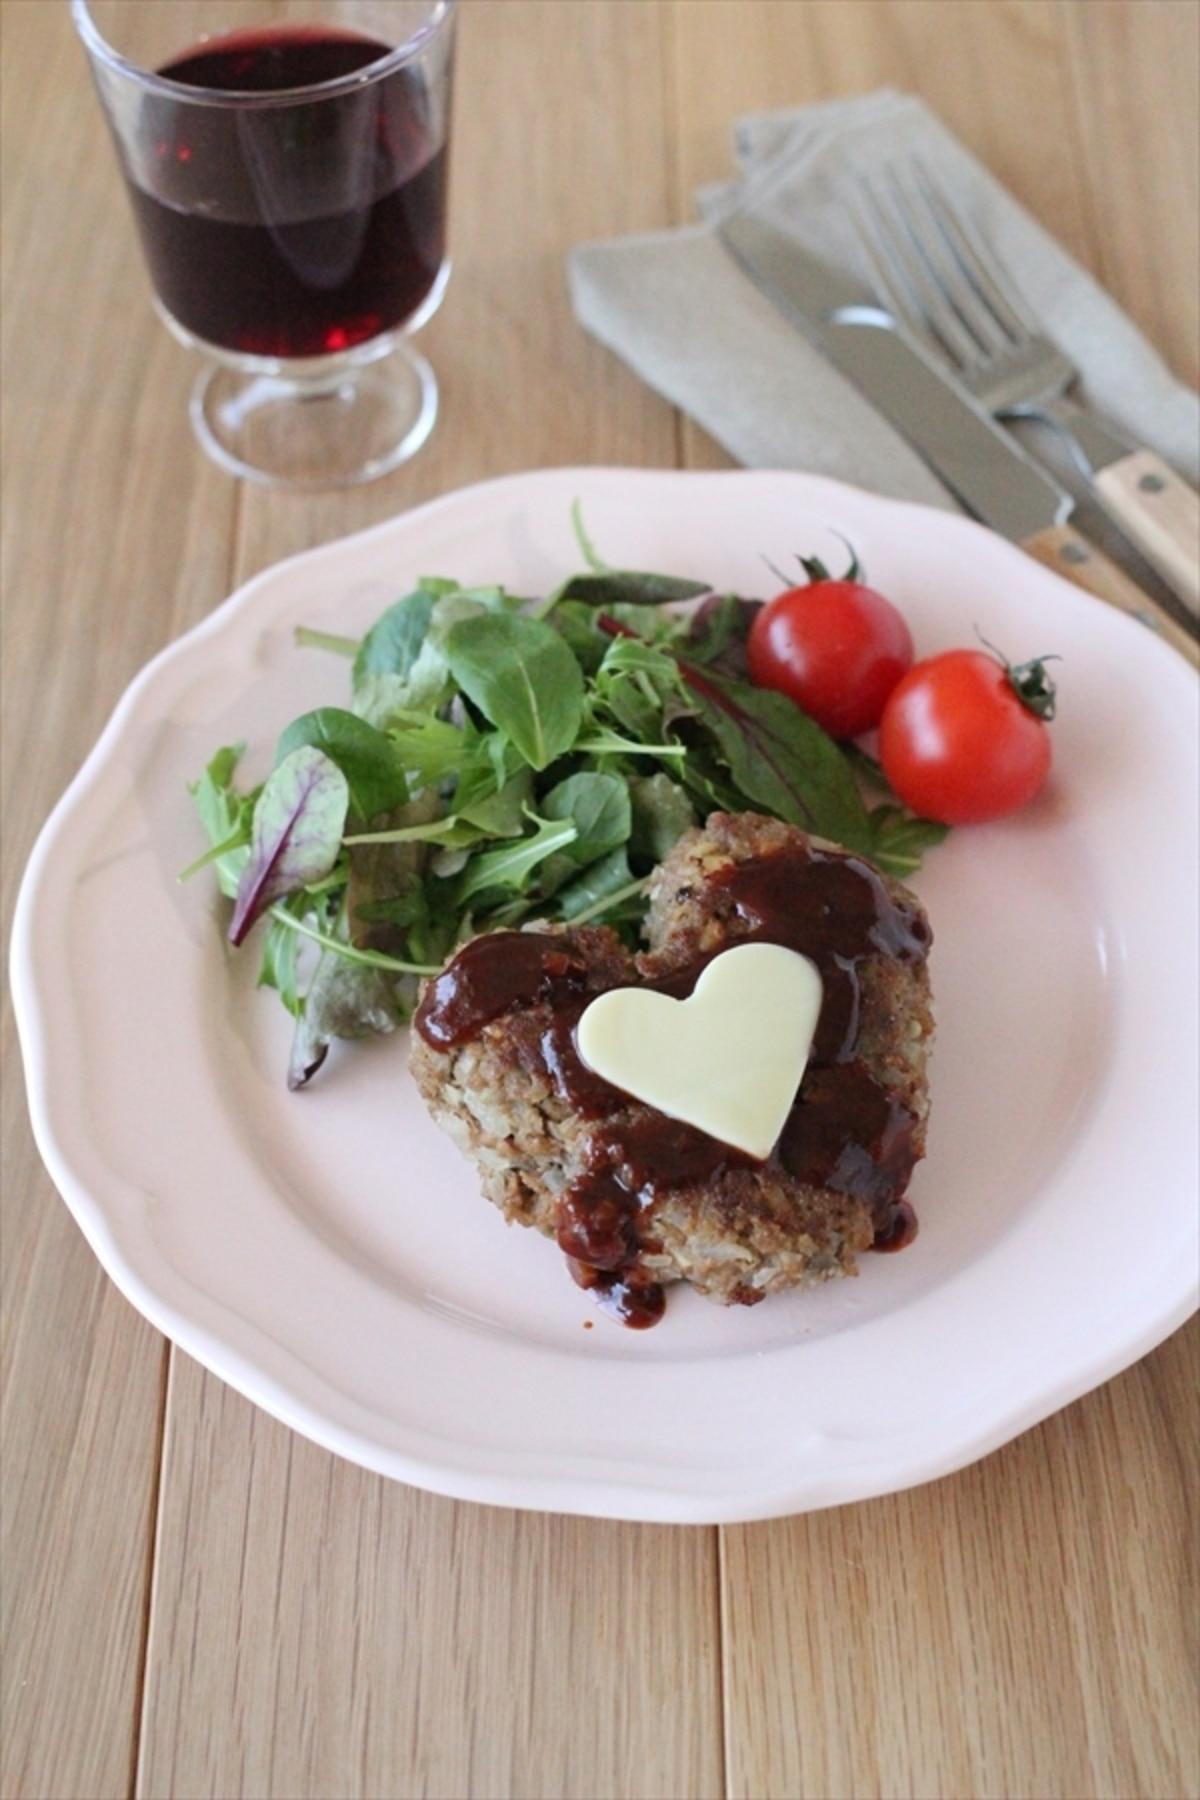 ハンバーグ レシピ スッキリ 【ハナタカ】ハンバーグを肉々しくするコツ!つなぎ、氷水で絶品に☆オススメのソースも(2020.2.27)